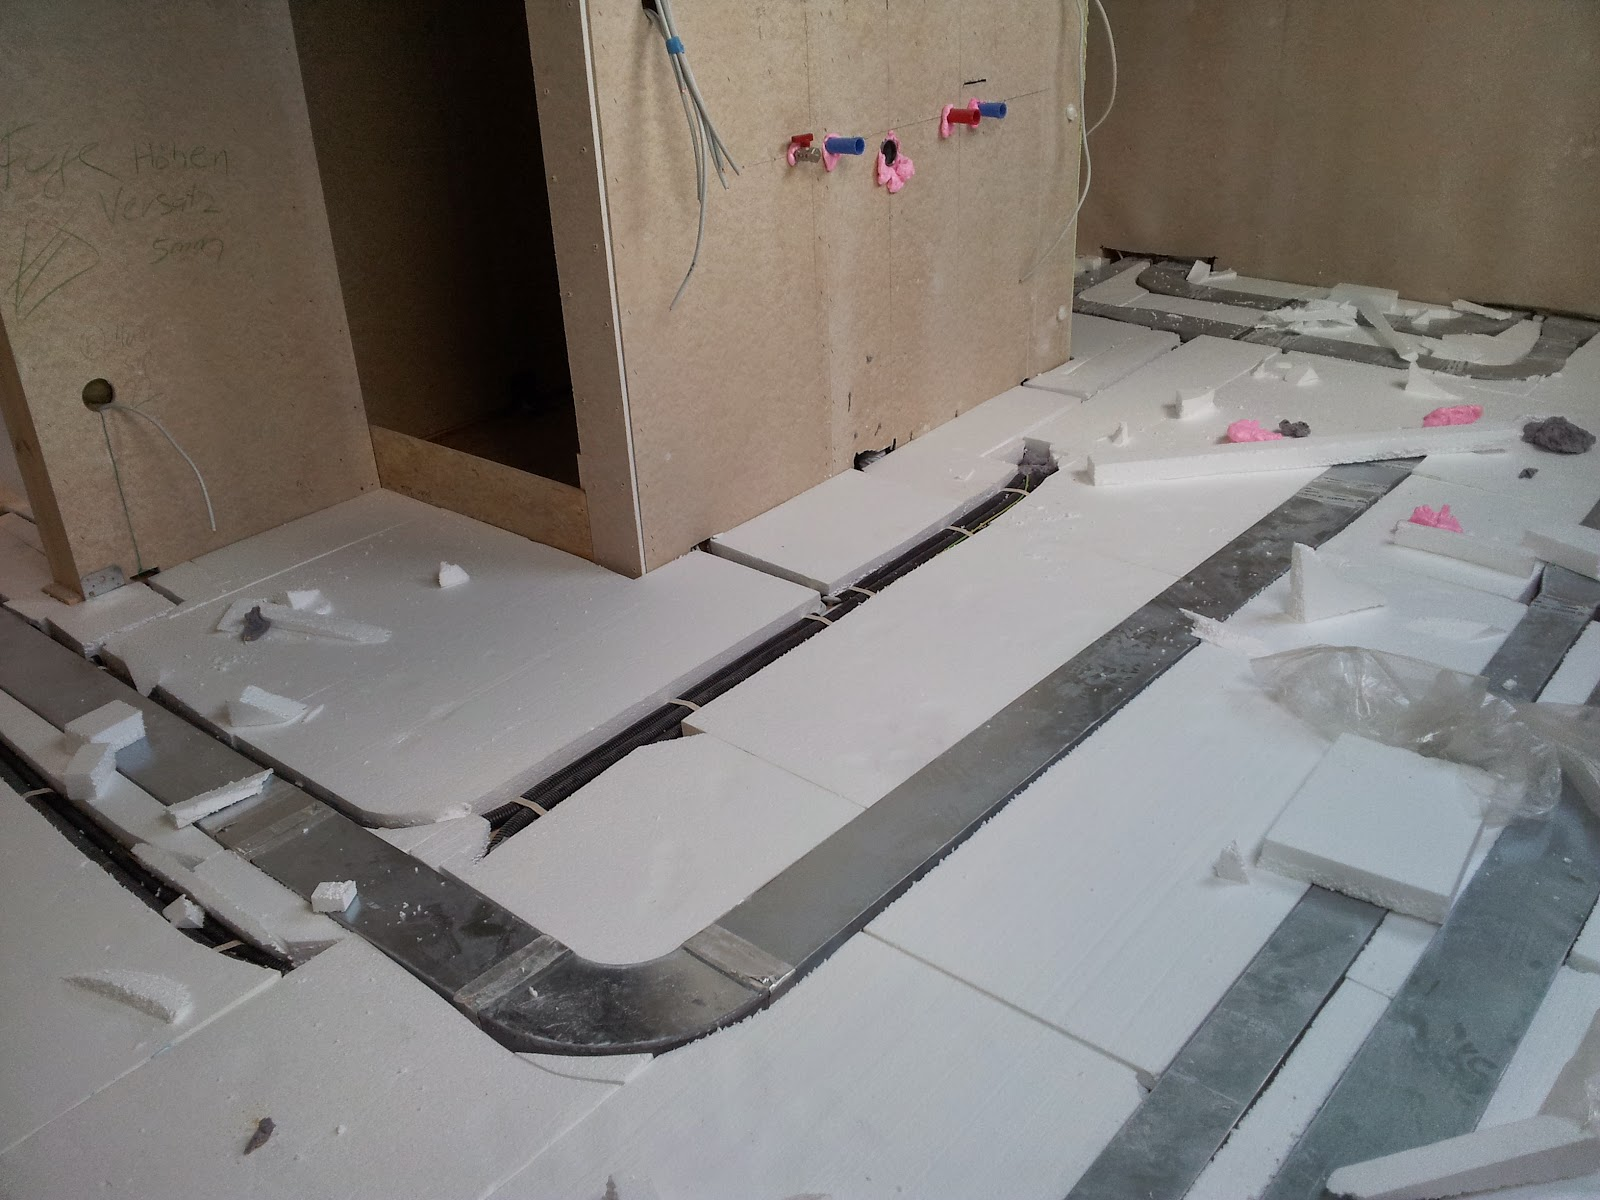 Wärmedämmung Fußboden Kaufen ~ Dämmung fußbodenheizung kaufen » industrieparkett eiche kaufen